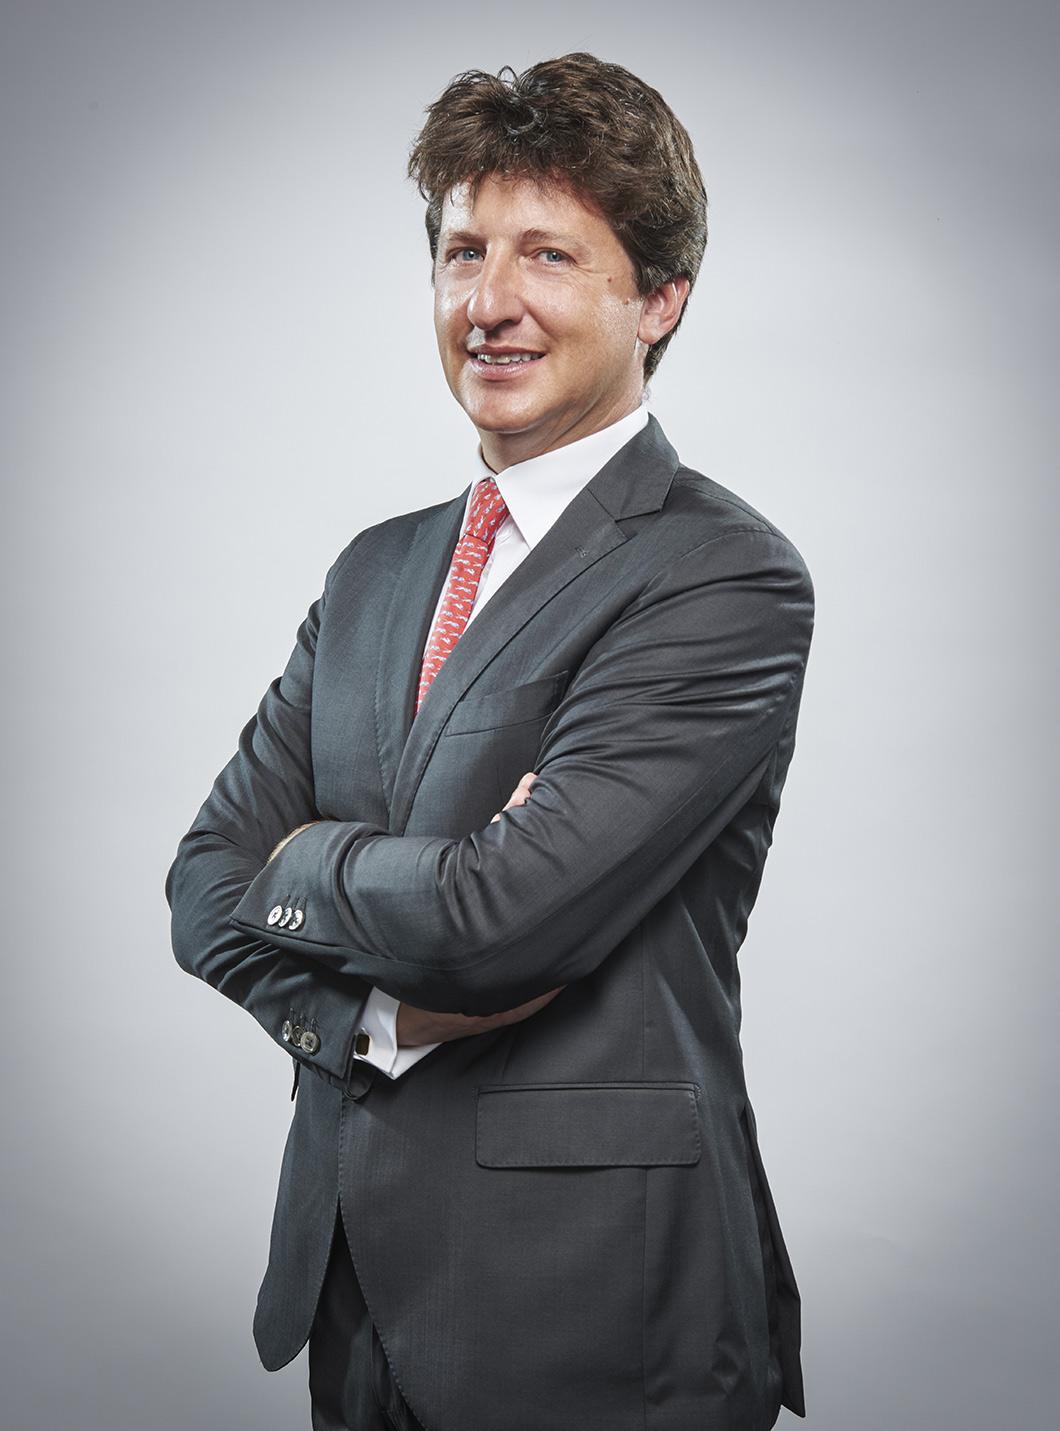 Silvio Marenco